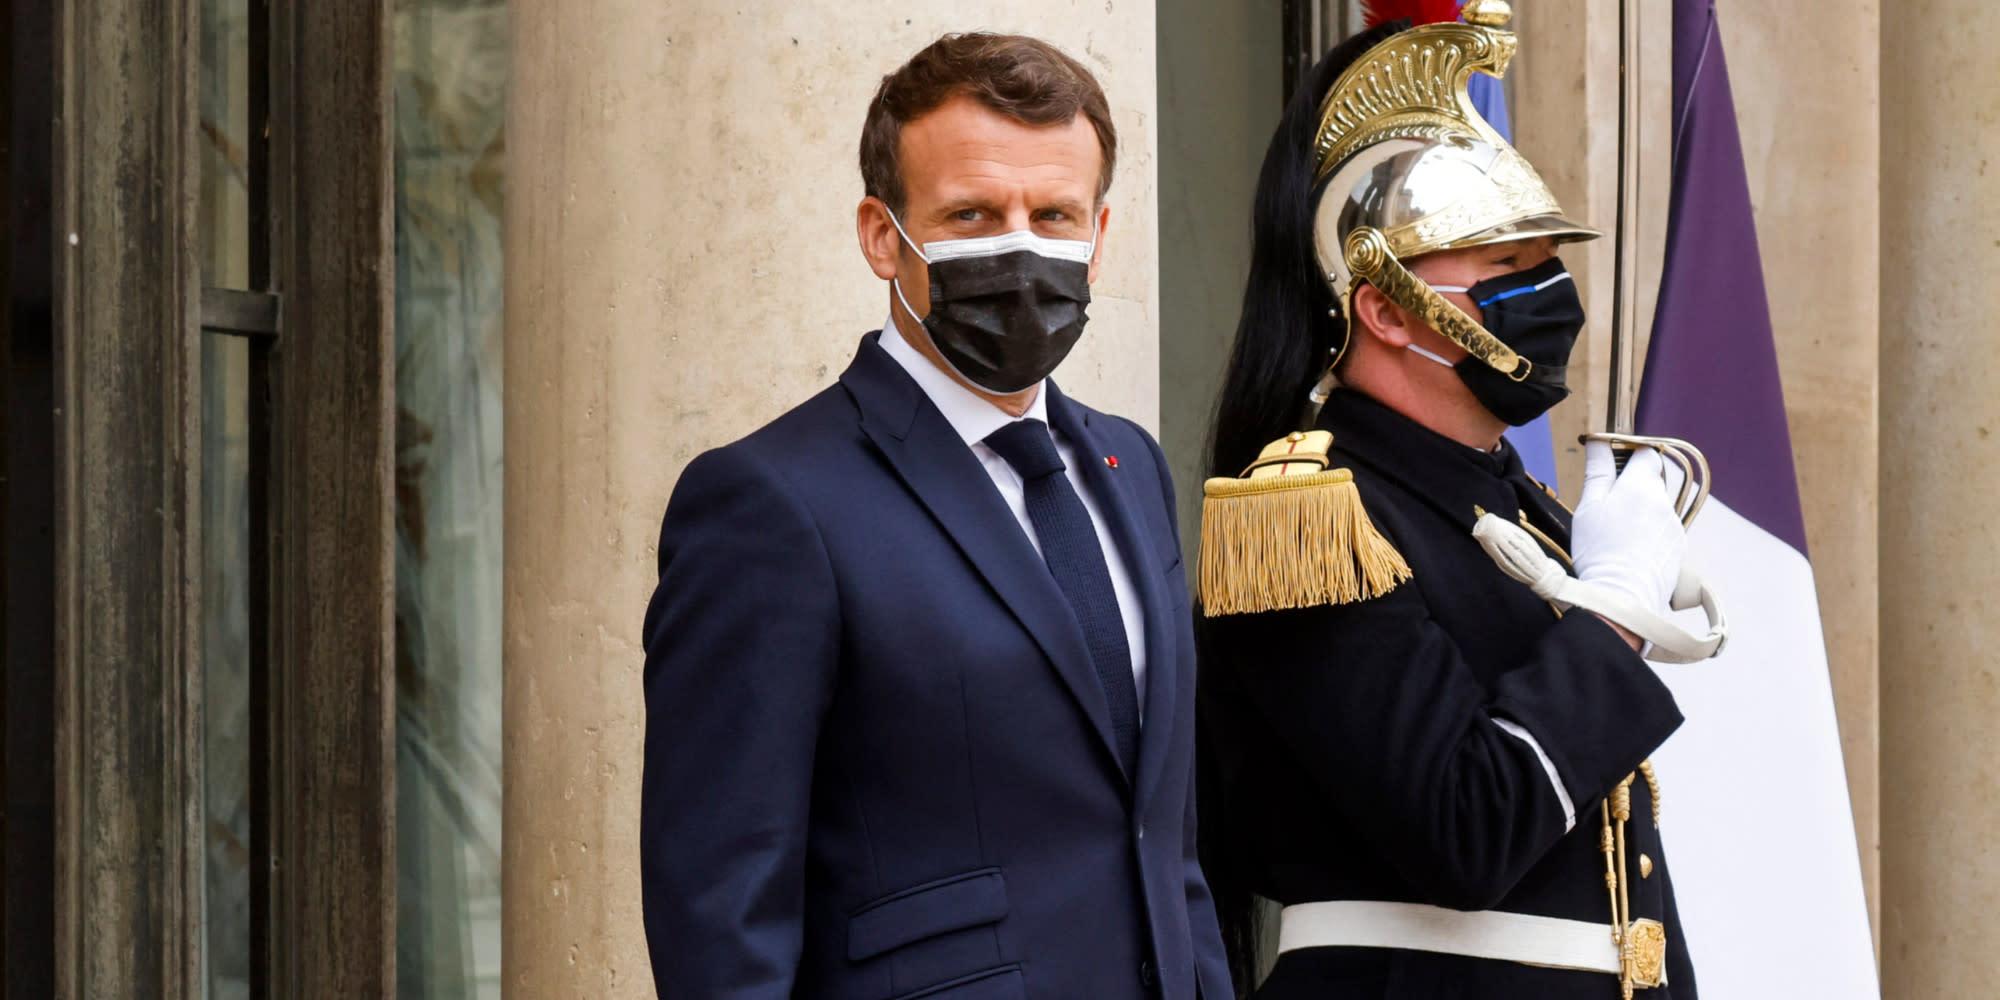 Interview, visite de terrain... Pourquoi Macron passe-t-il à l'offensive sur la sécurité ?